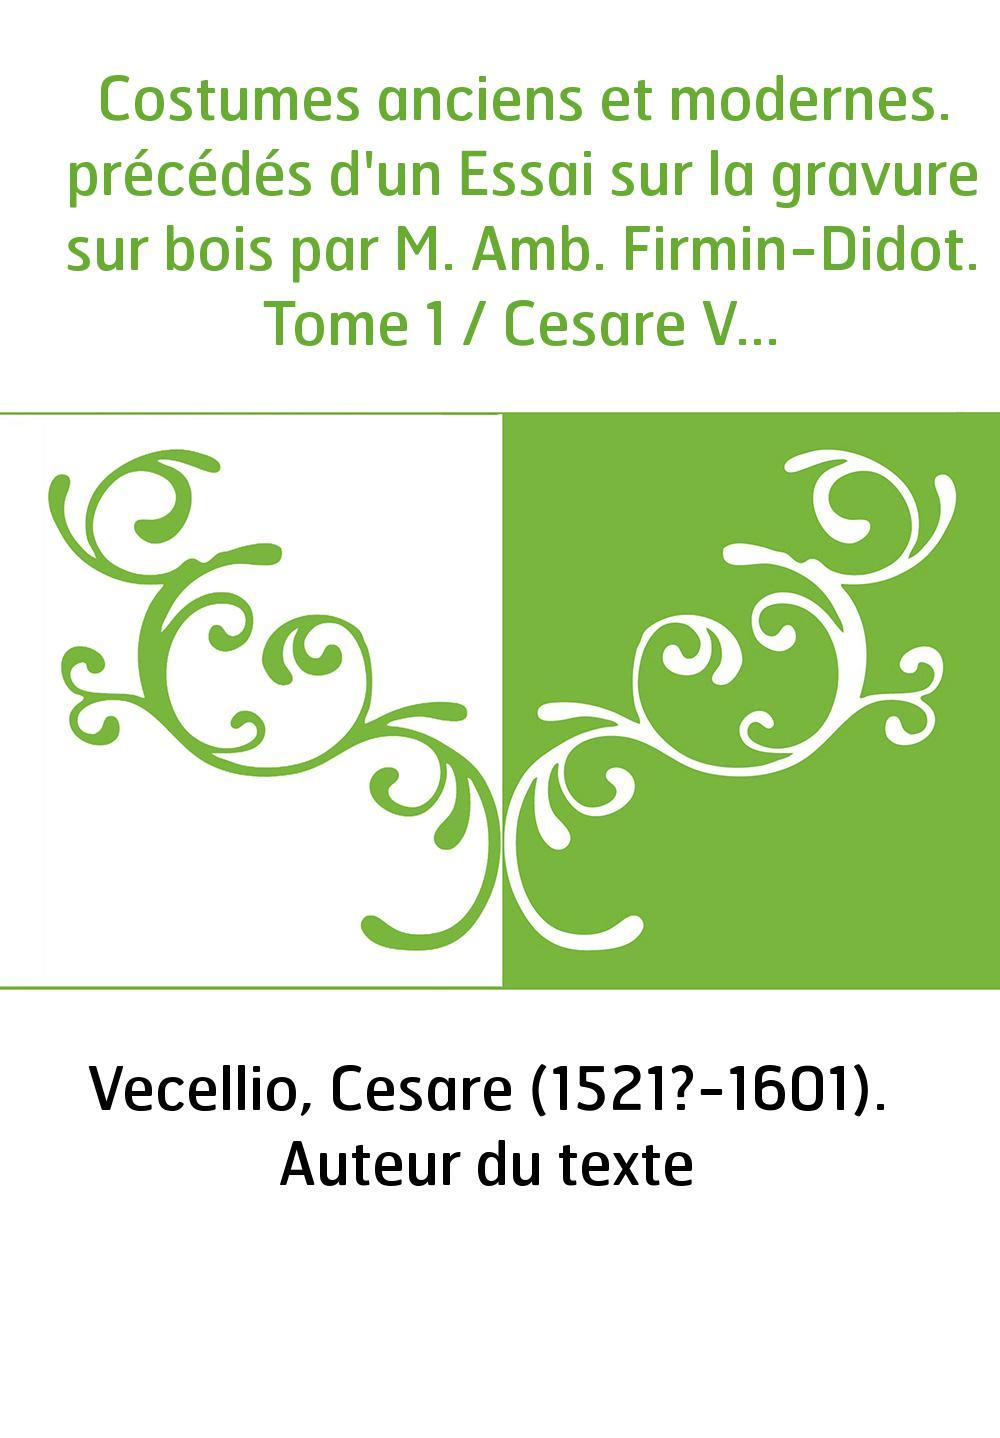 Costumes anciens et modernes. précédés d'un Essai sur la gravure sur bois par M. Amb. Firmin-Didot. Tome 1 / Cesare Vecellio